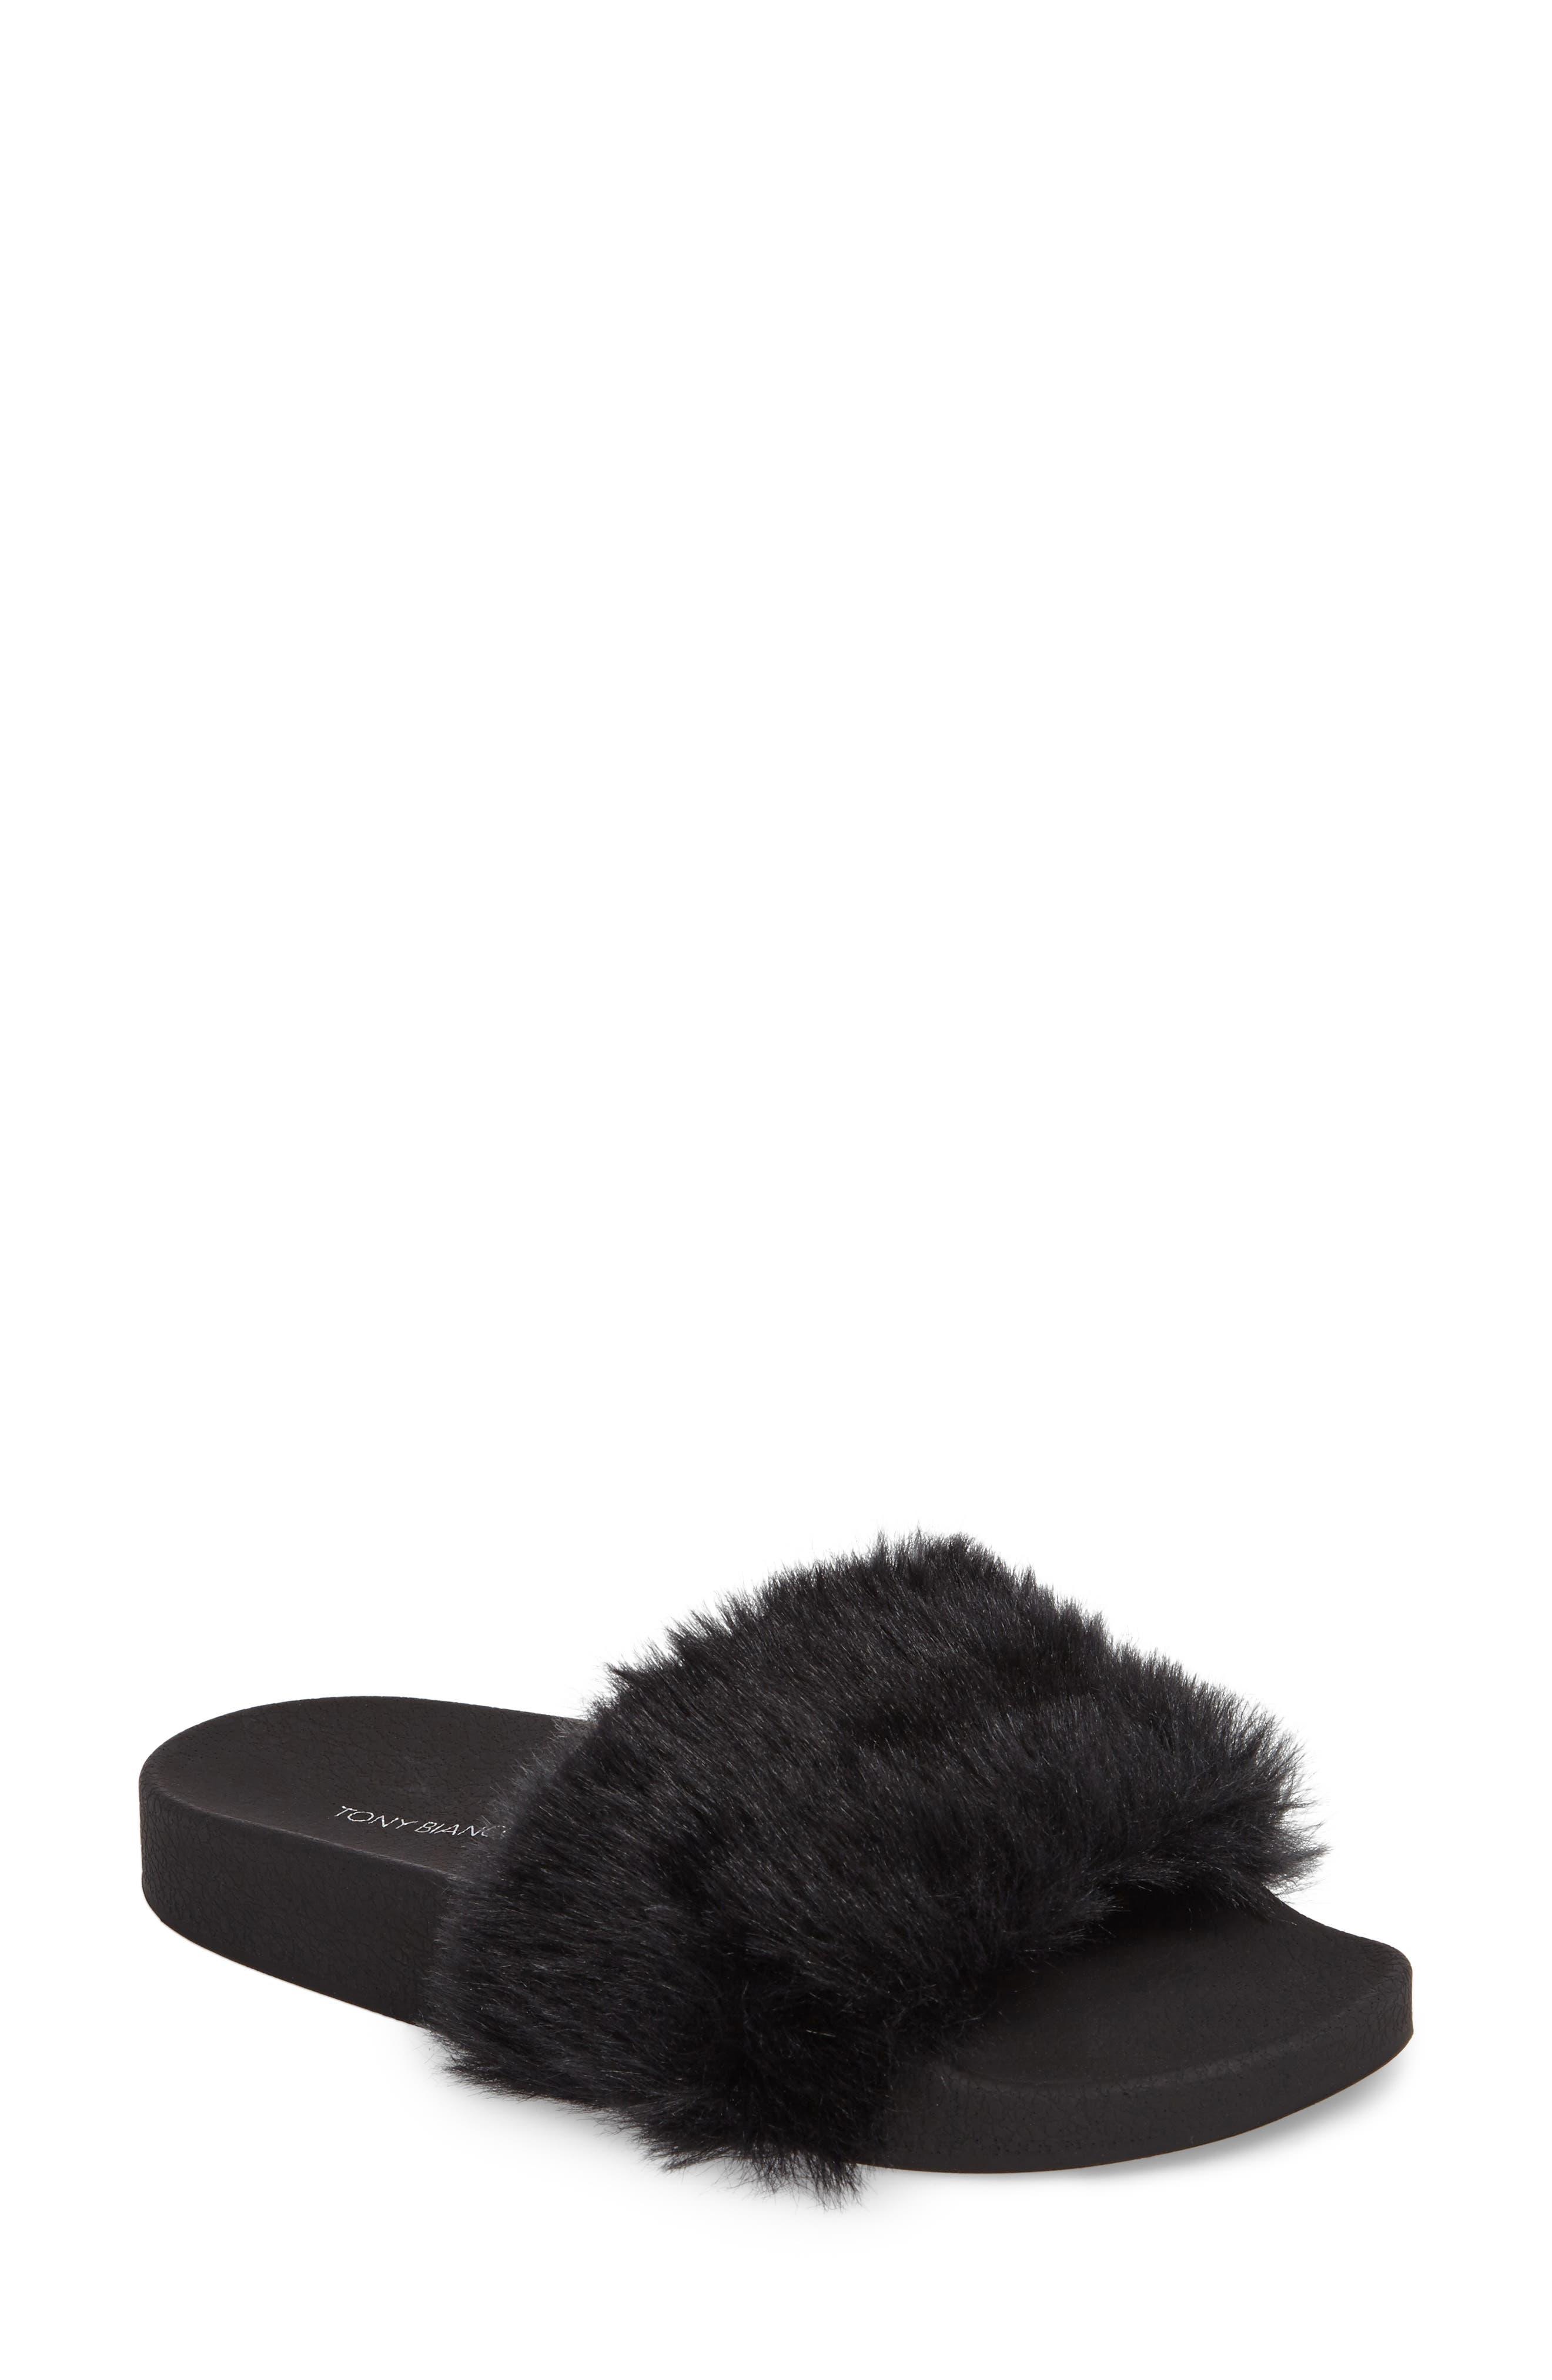 Vixen Slide Sandal,                         Main,                         color, 001